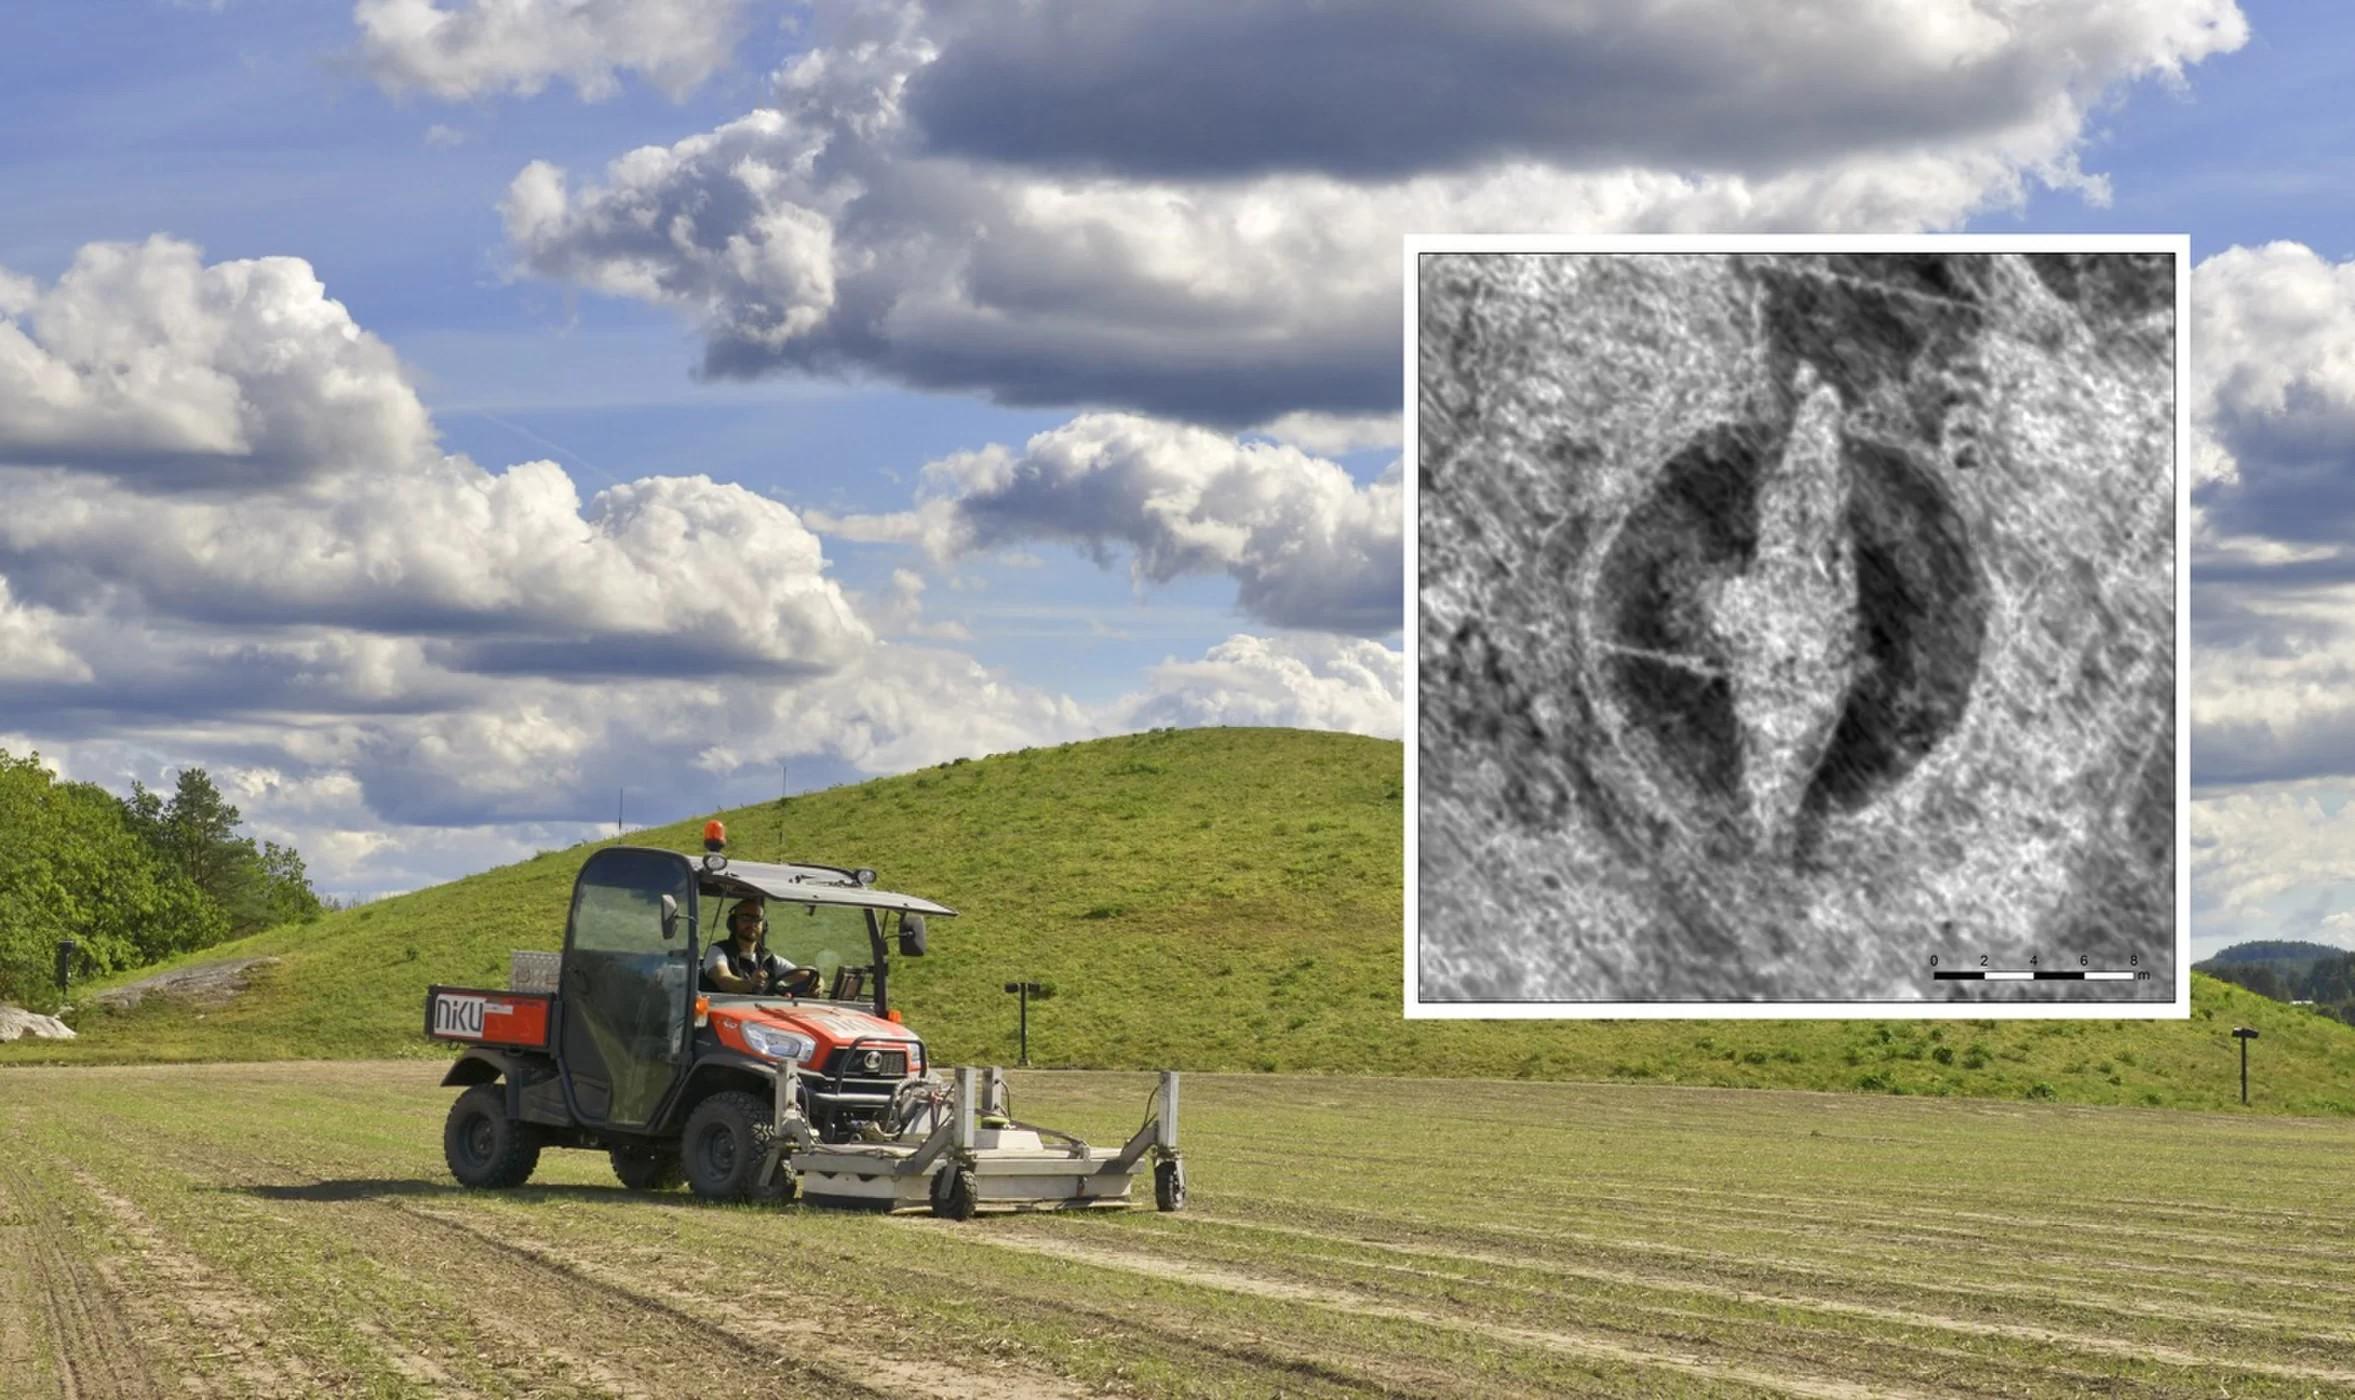 Os arqueólogos podem escavar a região no futuro (Foto: NIKU)